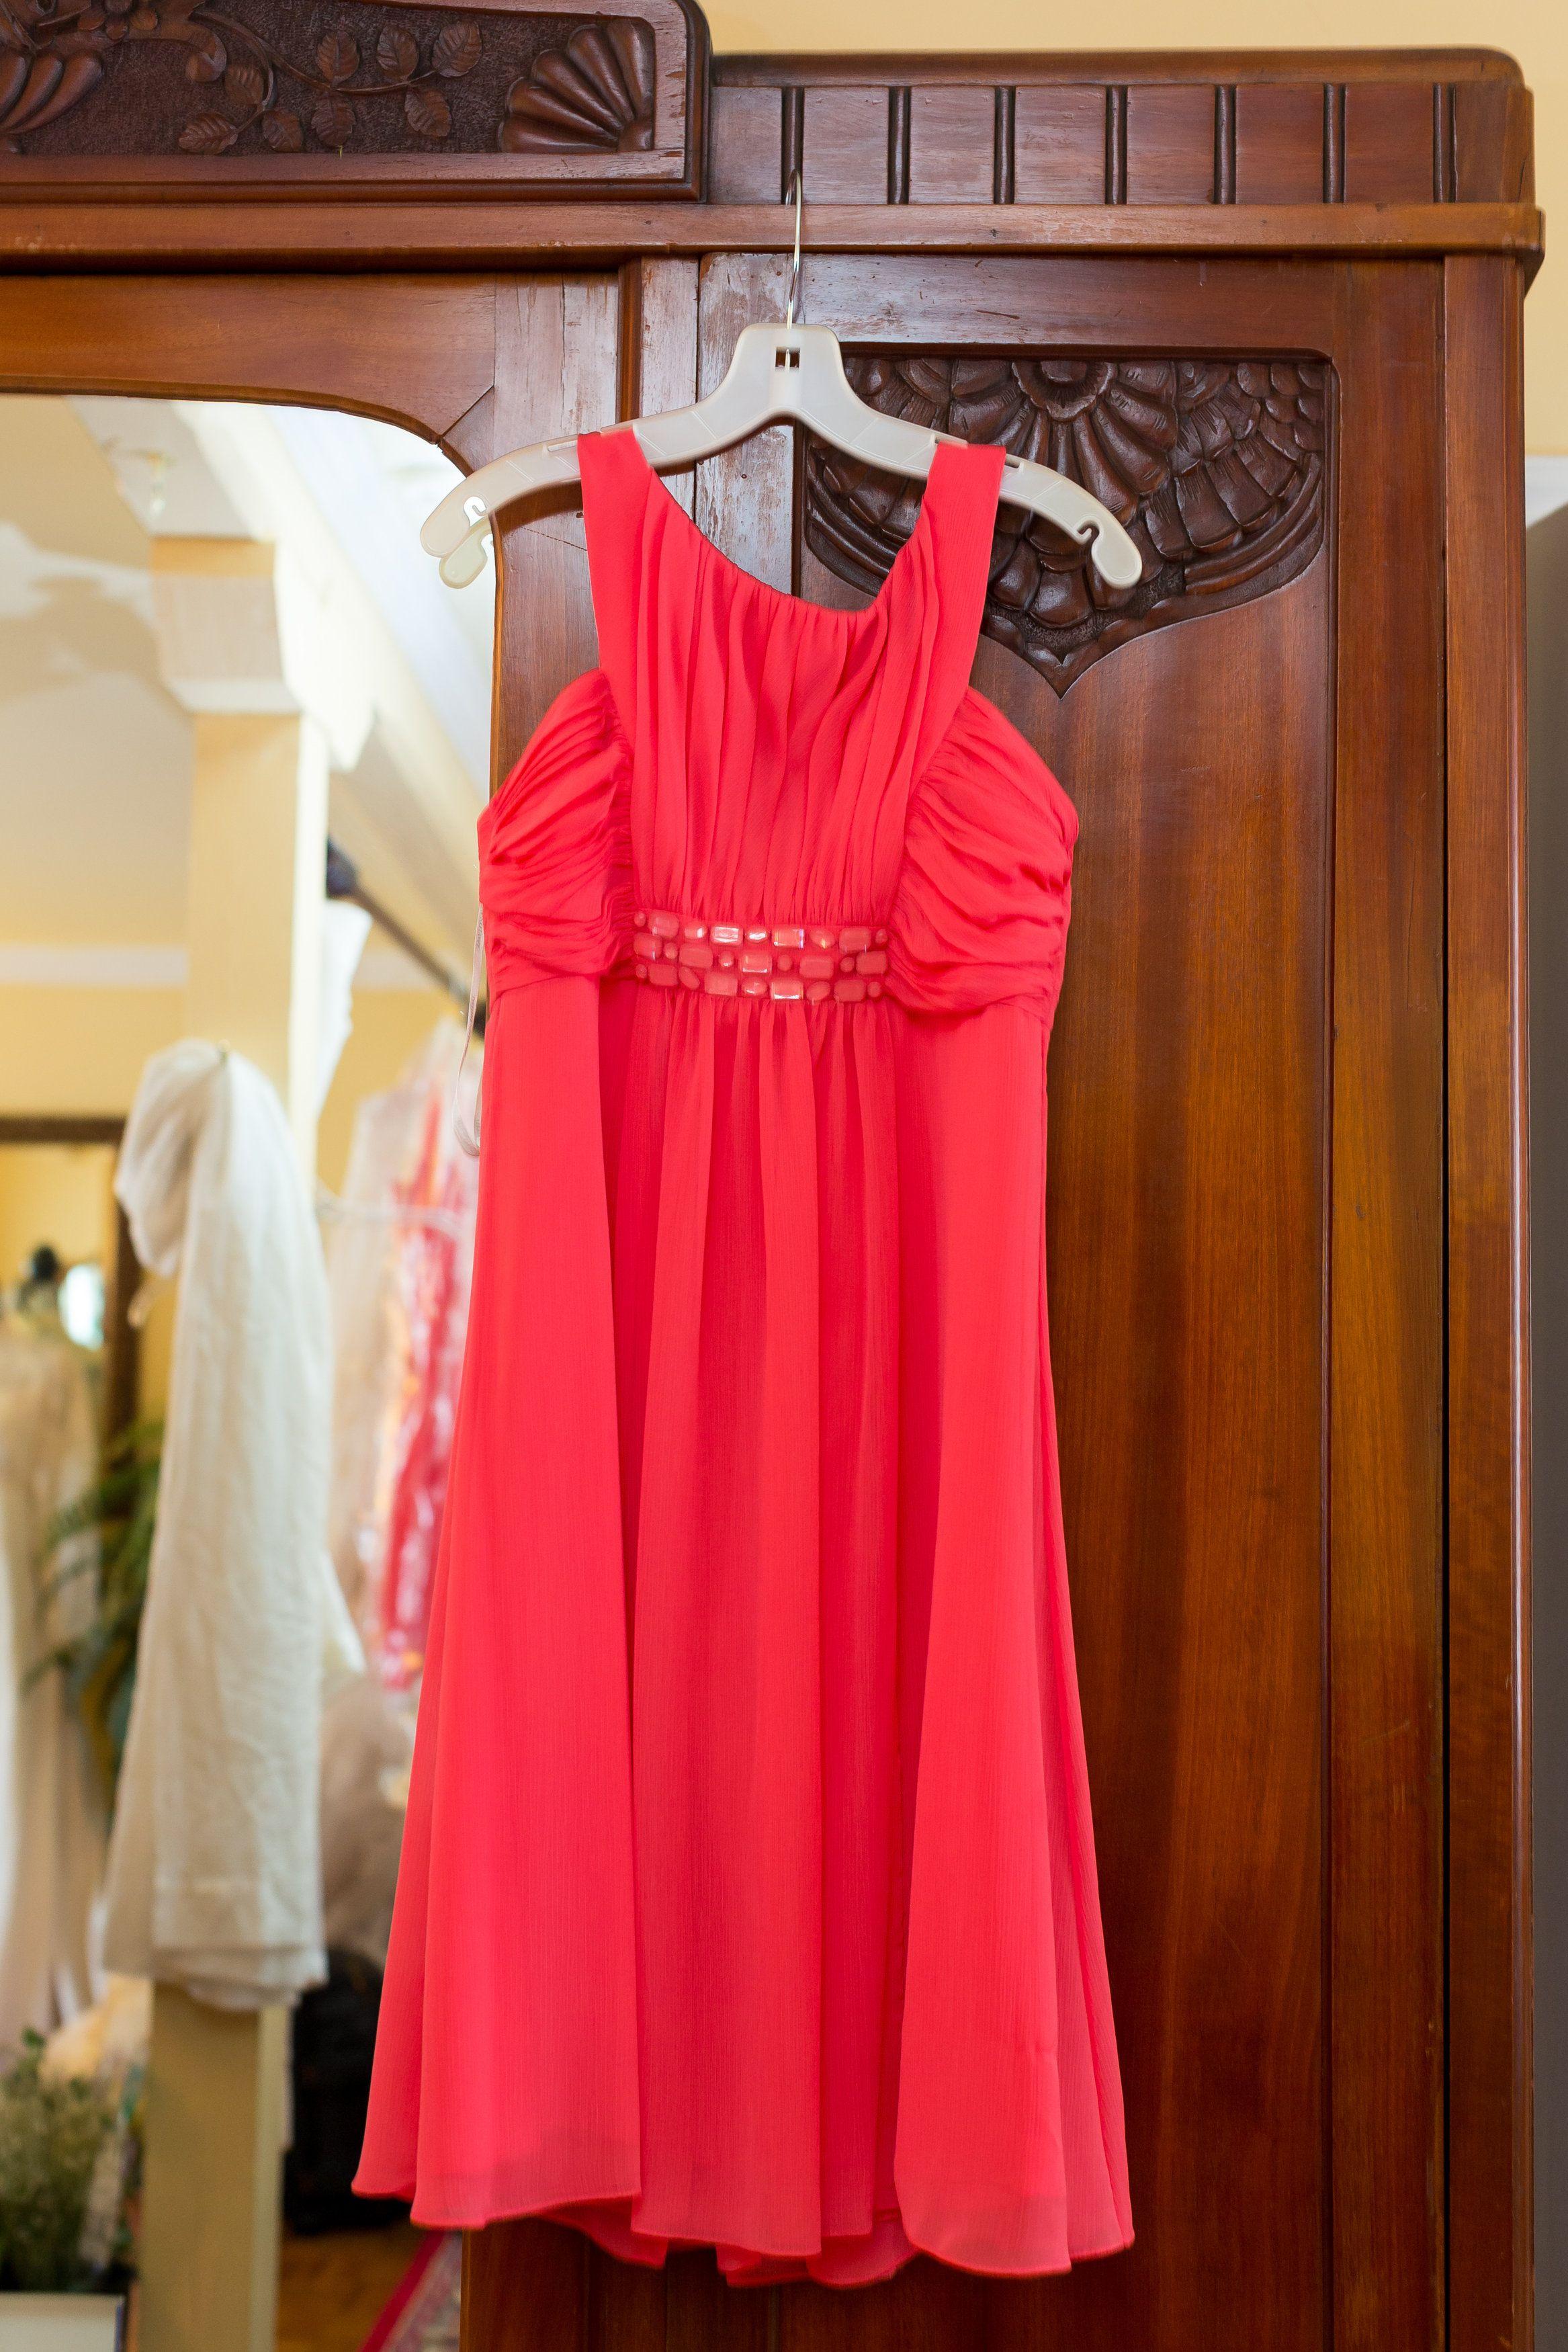 Guava bridesmaid dress priyanka isaac wedding pinterest guava bridesmaid dress priyanka isaac wedding pinterest weddings ombrellifo Gallery